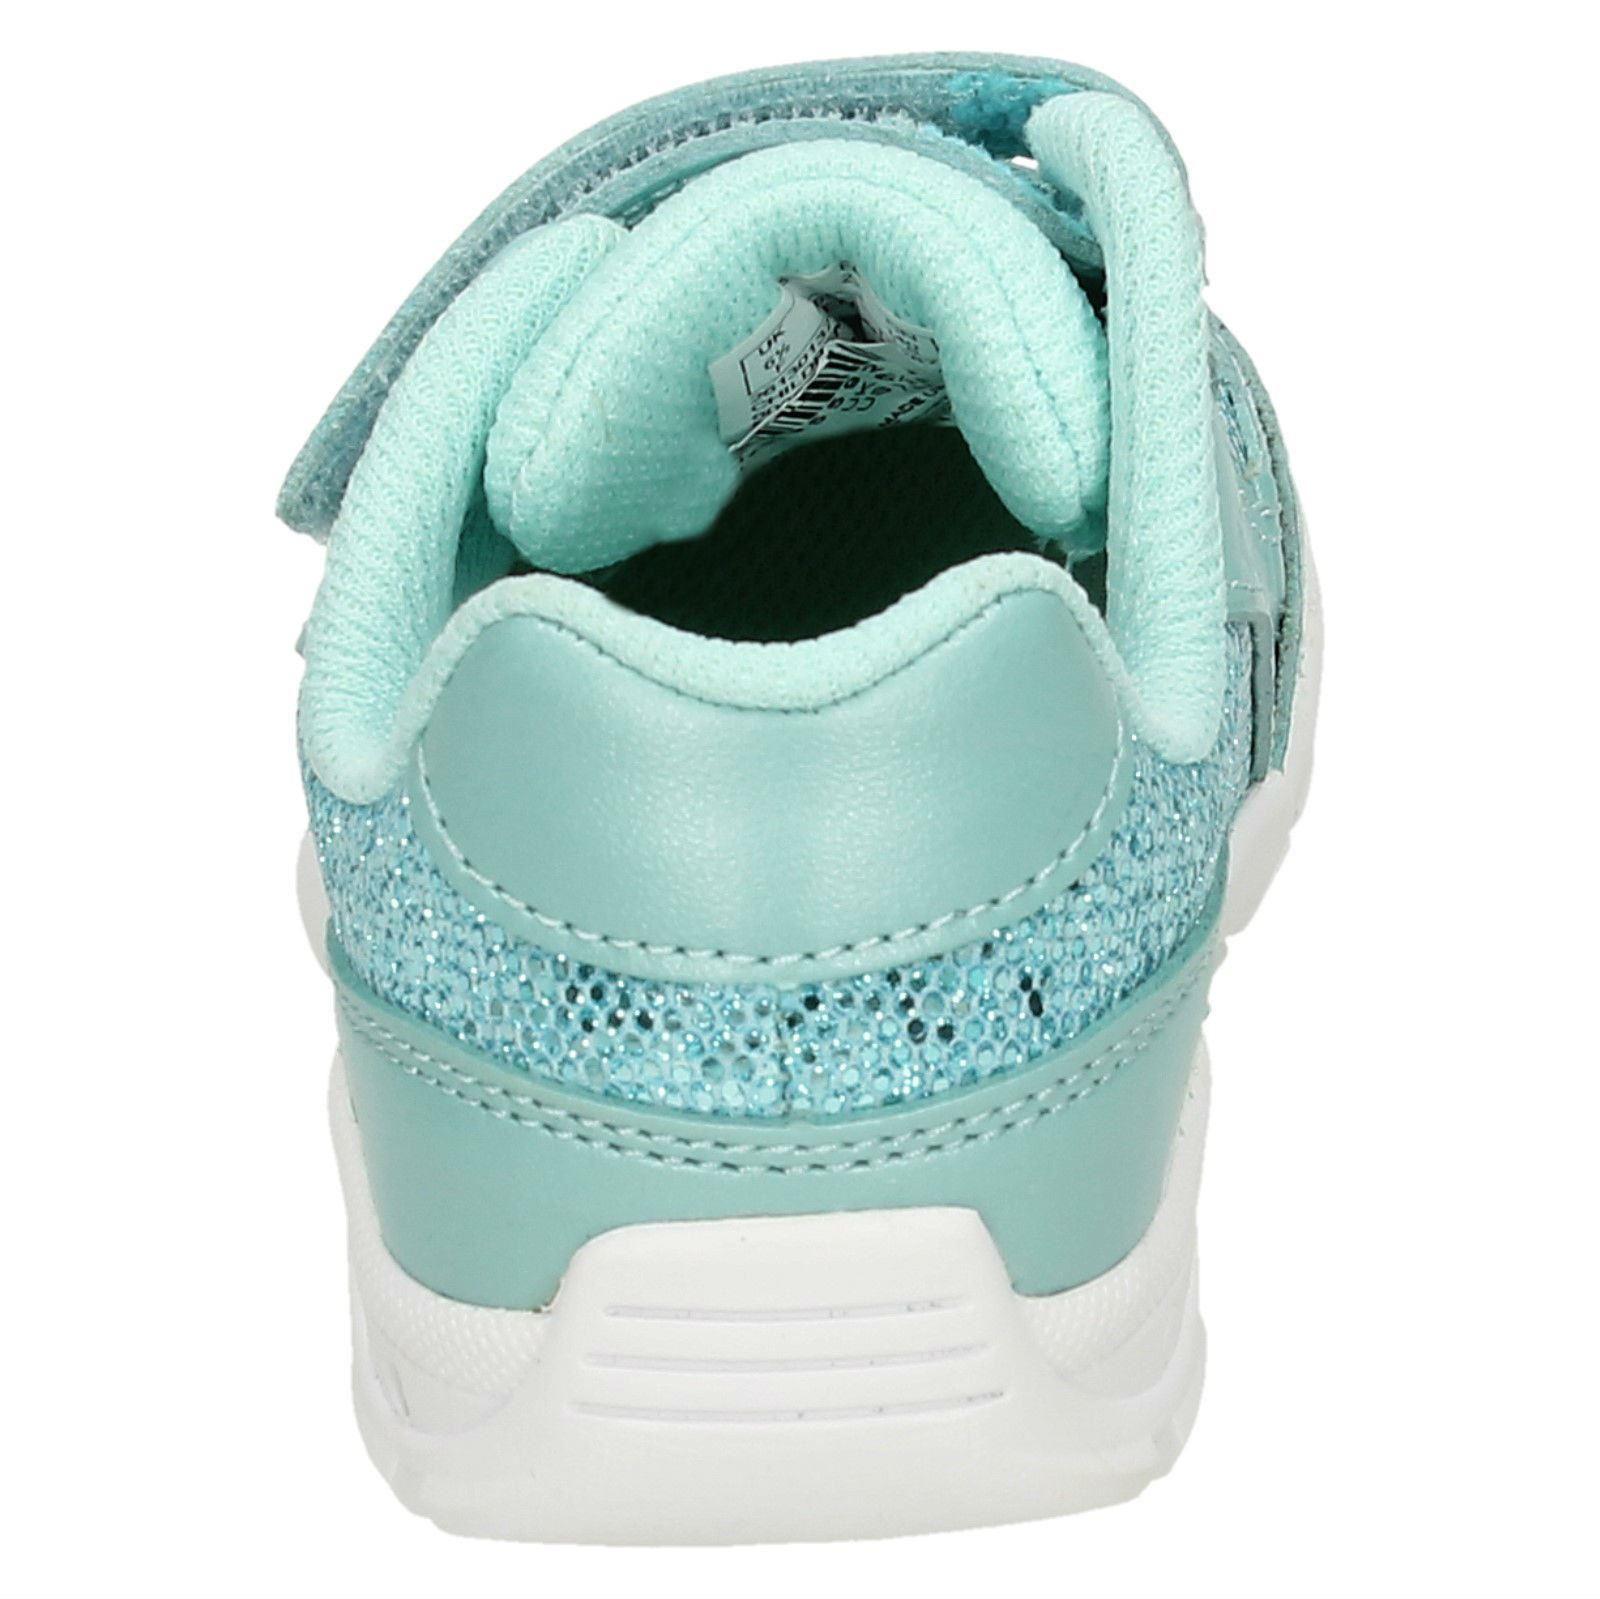 De Zapatos Zapatillas Piel Clarks Play Brite Primero Niñas 1PqwEBnSq